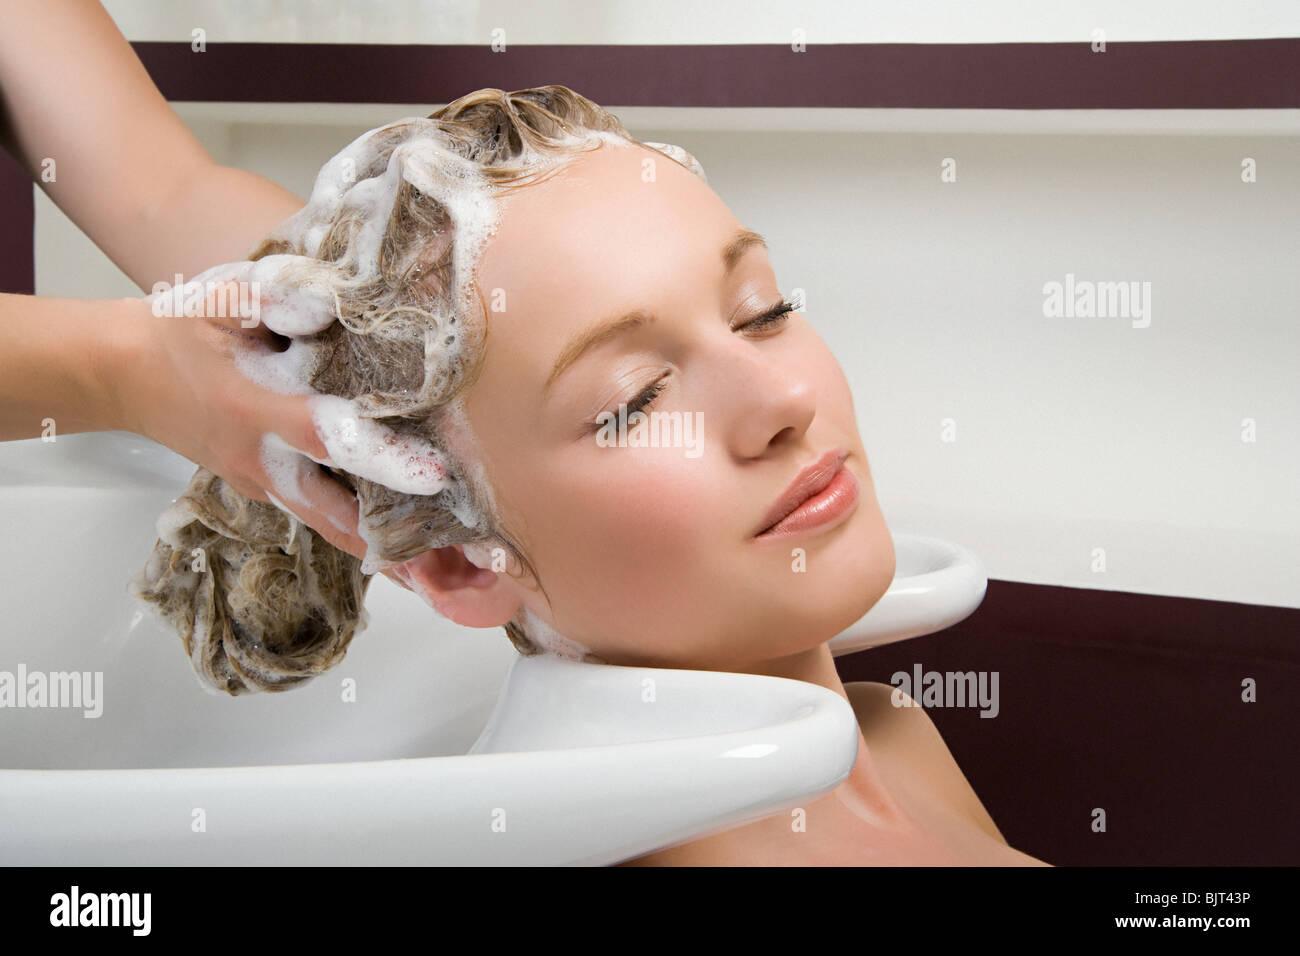 Una mujer con su cabello lavado Imagen De Stock